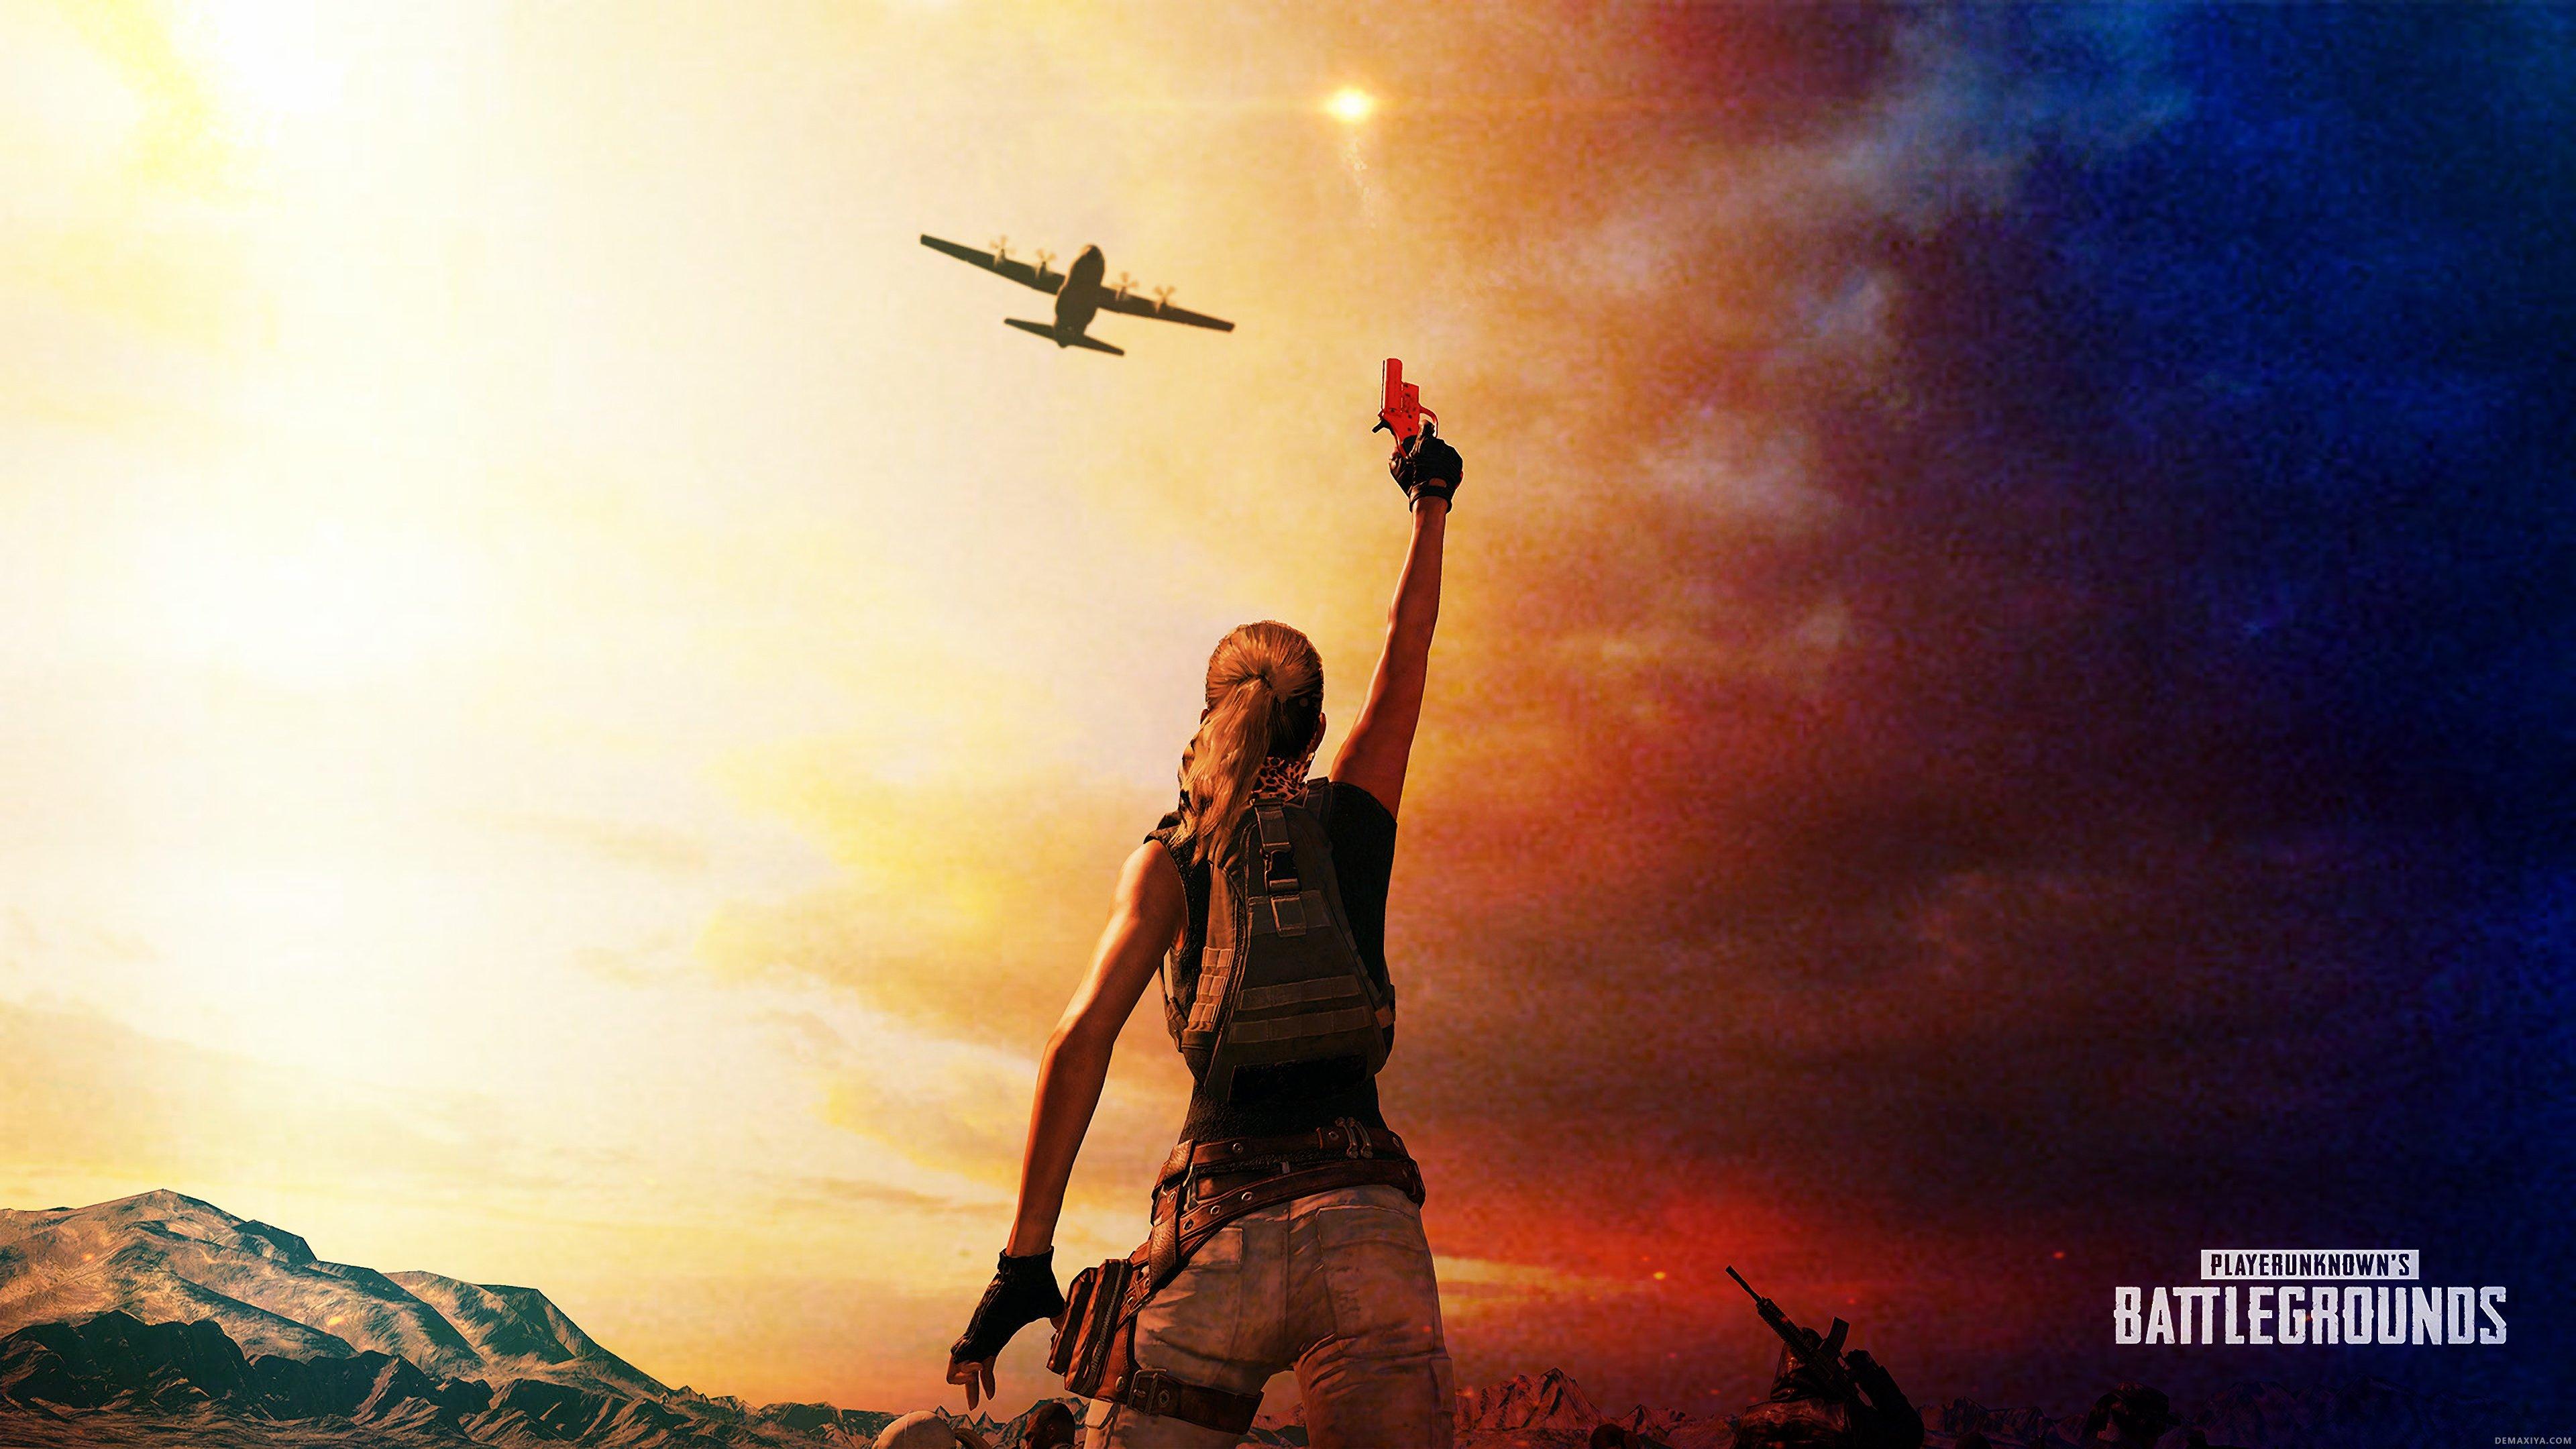 Pubg Wallpaper 1366 X 768: 1366x768 PlayerUnknowns Battlegrounds Flare Gun Miramar 4k